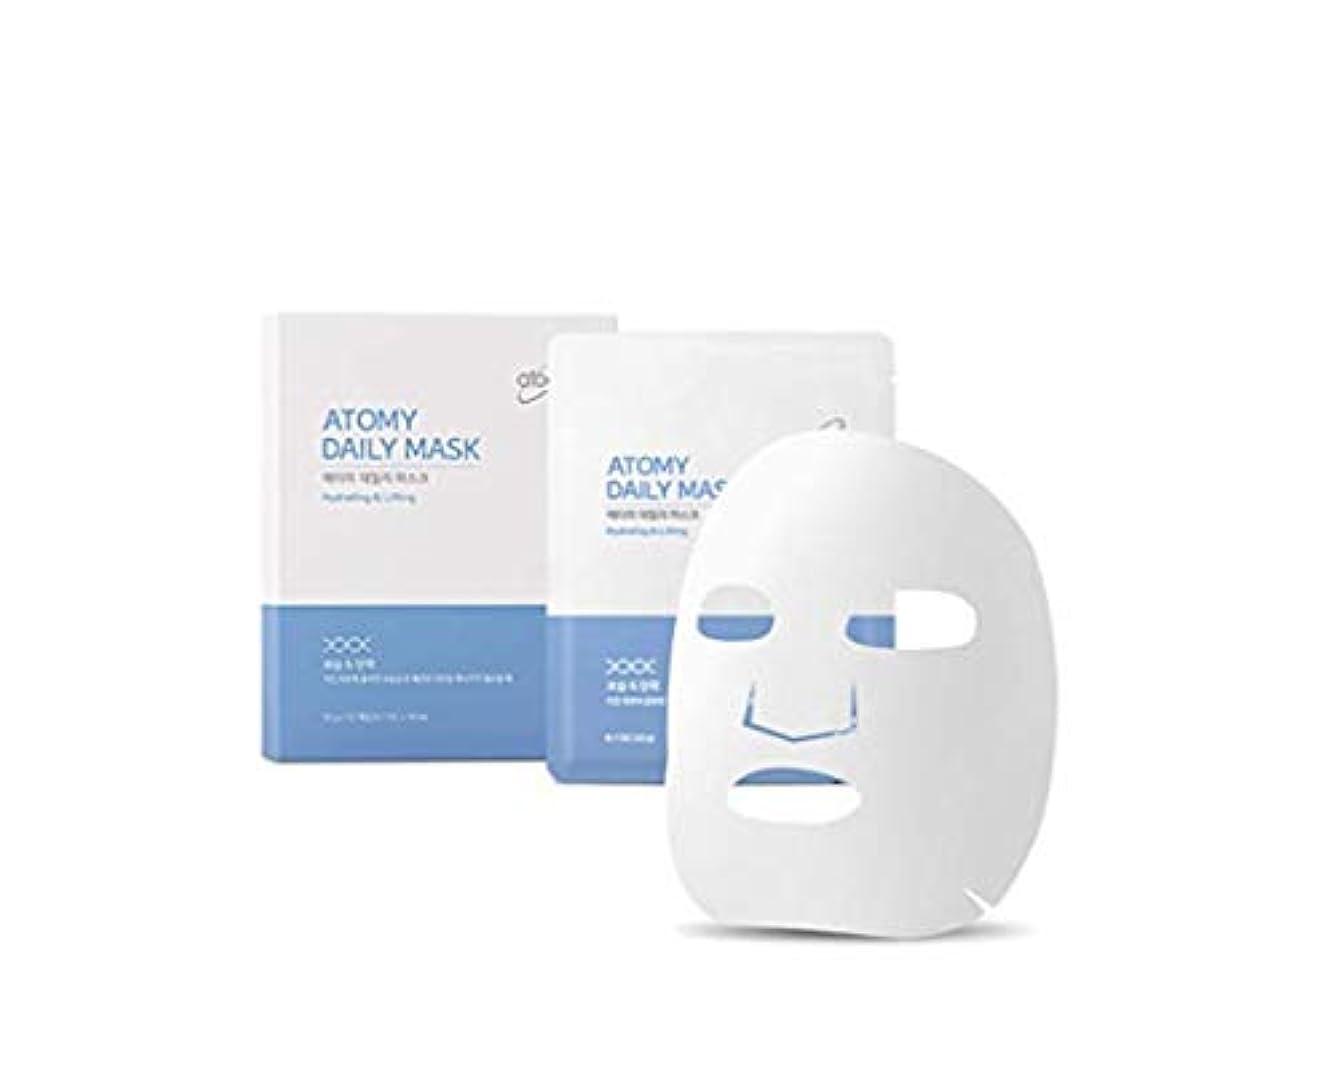 自治ソファーブリリアント[NEW] Atomy Daily Mask Sheet 10 Pack- Hydrating & Lifting アトミ 自然由来の成分と4つの特許成分マスクパック(並行輸入品)